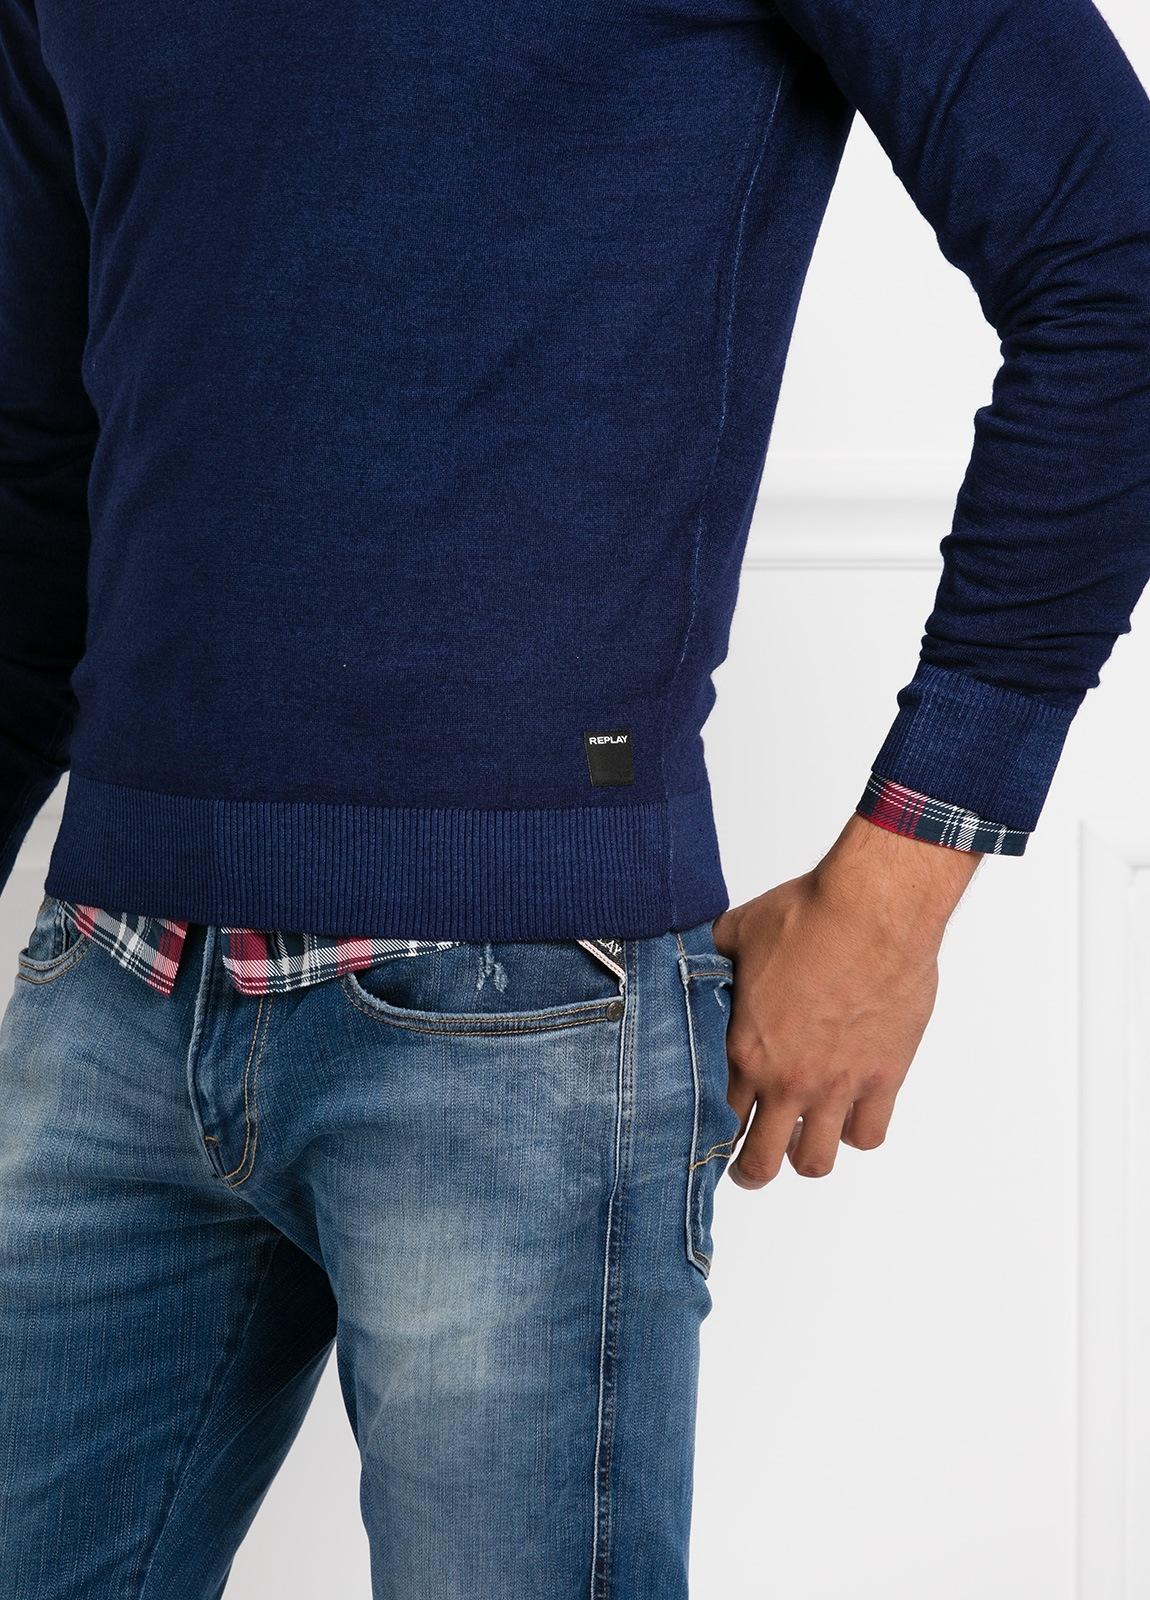 Suéter manga larga, cuello pico, color azul noche. 100% Lana. - Ítem1